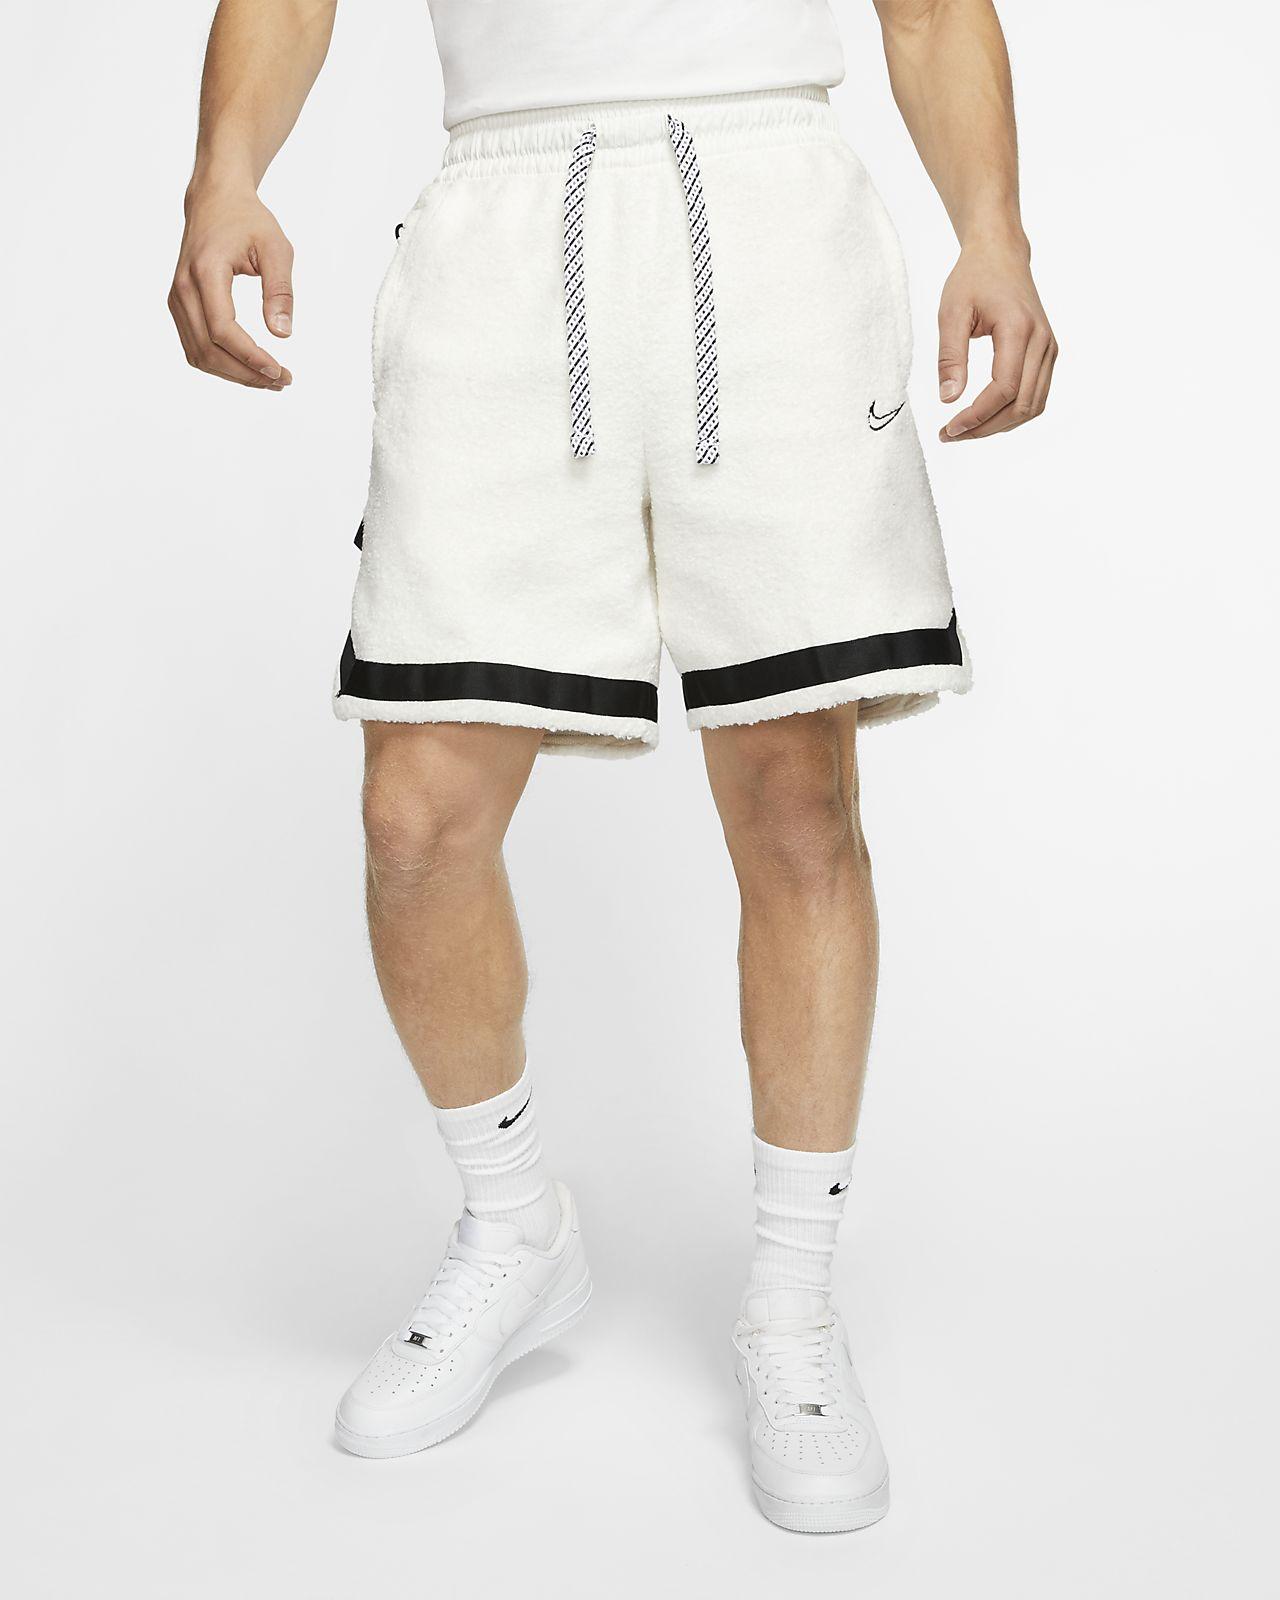 ナイキ DNA メンズ コージー バスケットボールショートパンツ